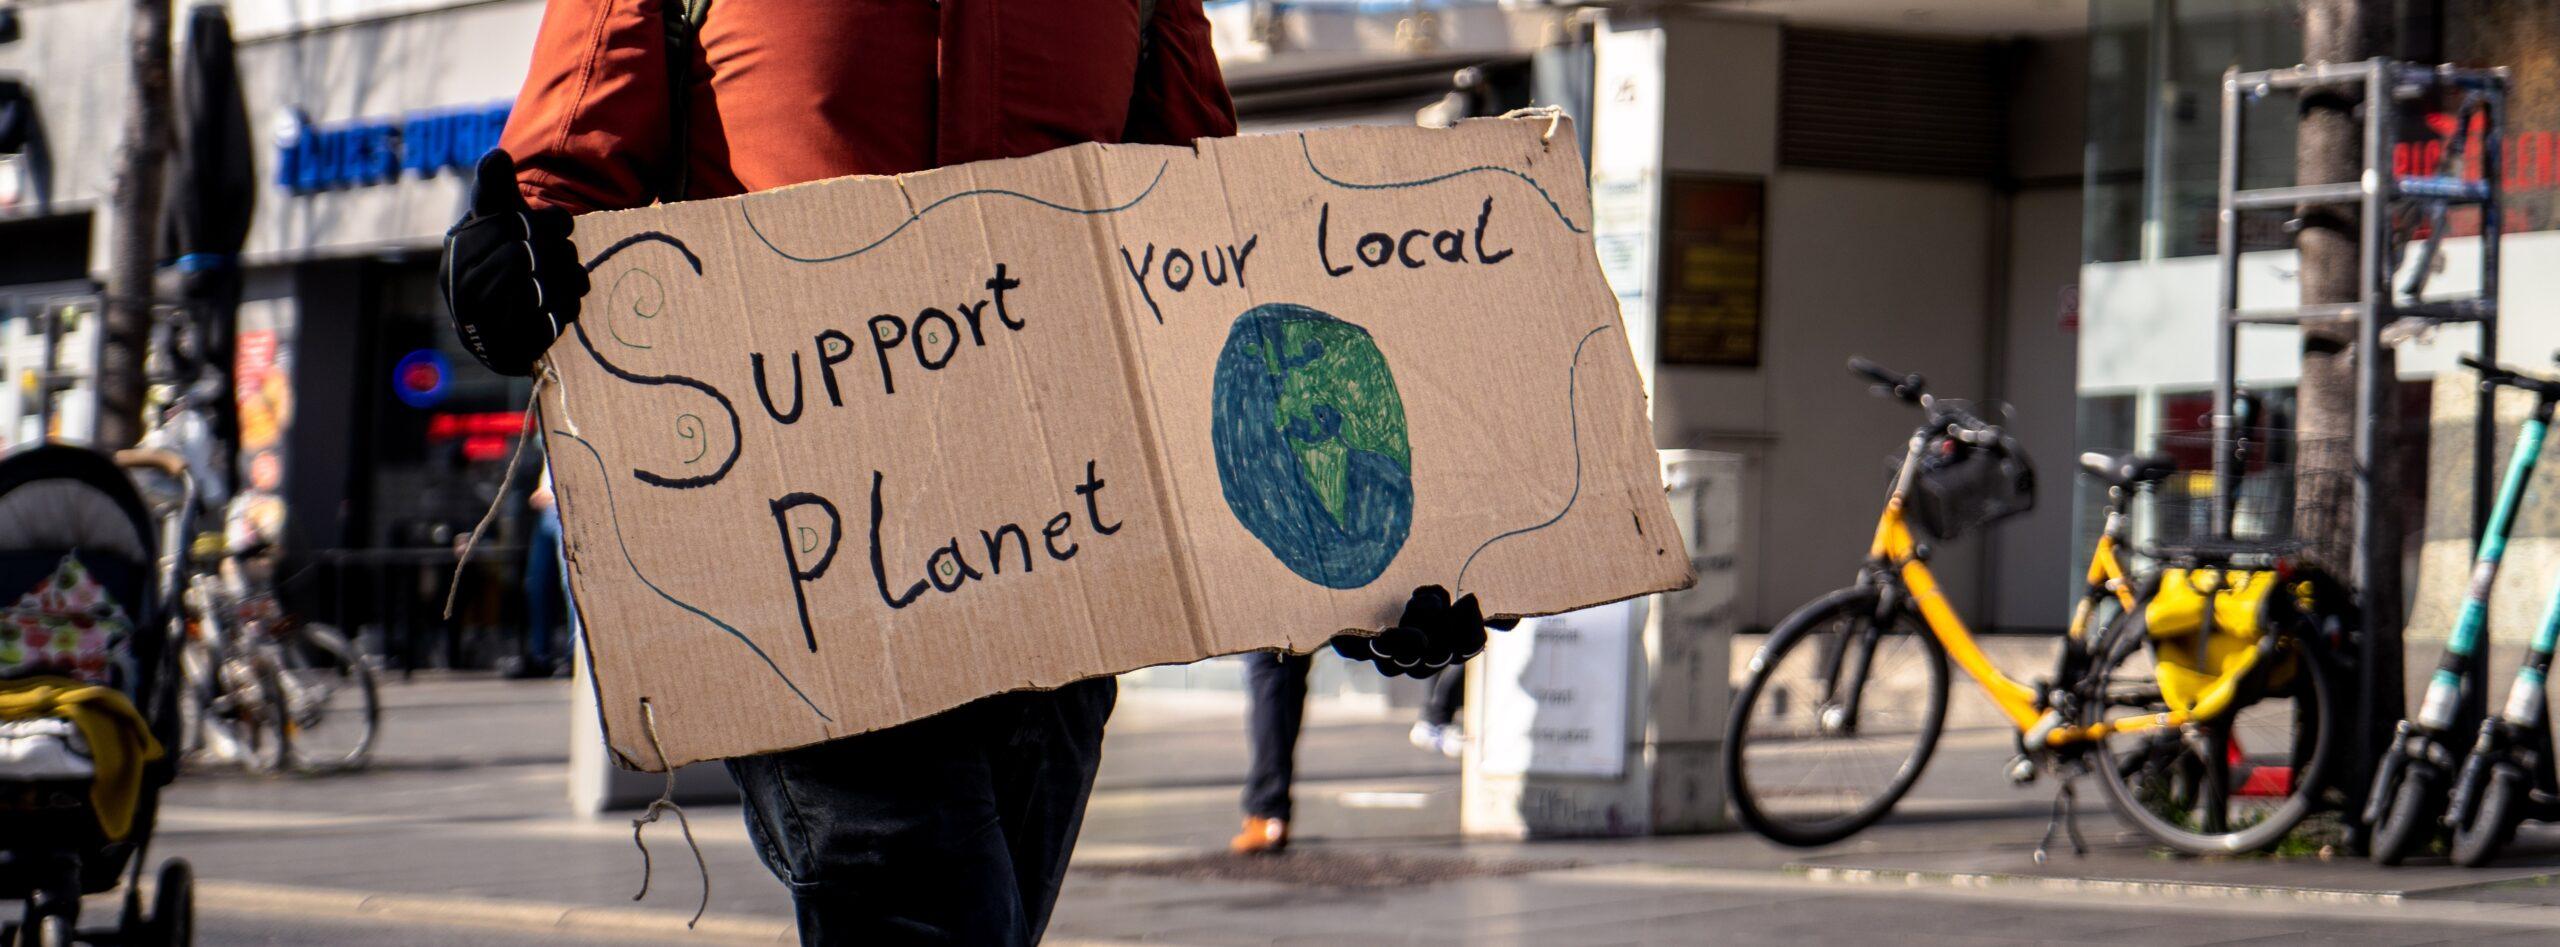 Demo-Schild: Support your local planet - Unterstütze deinen Planeten lokal